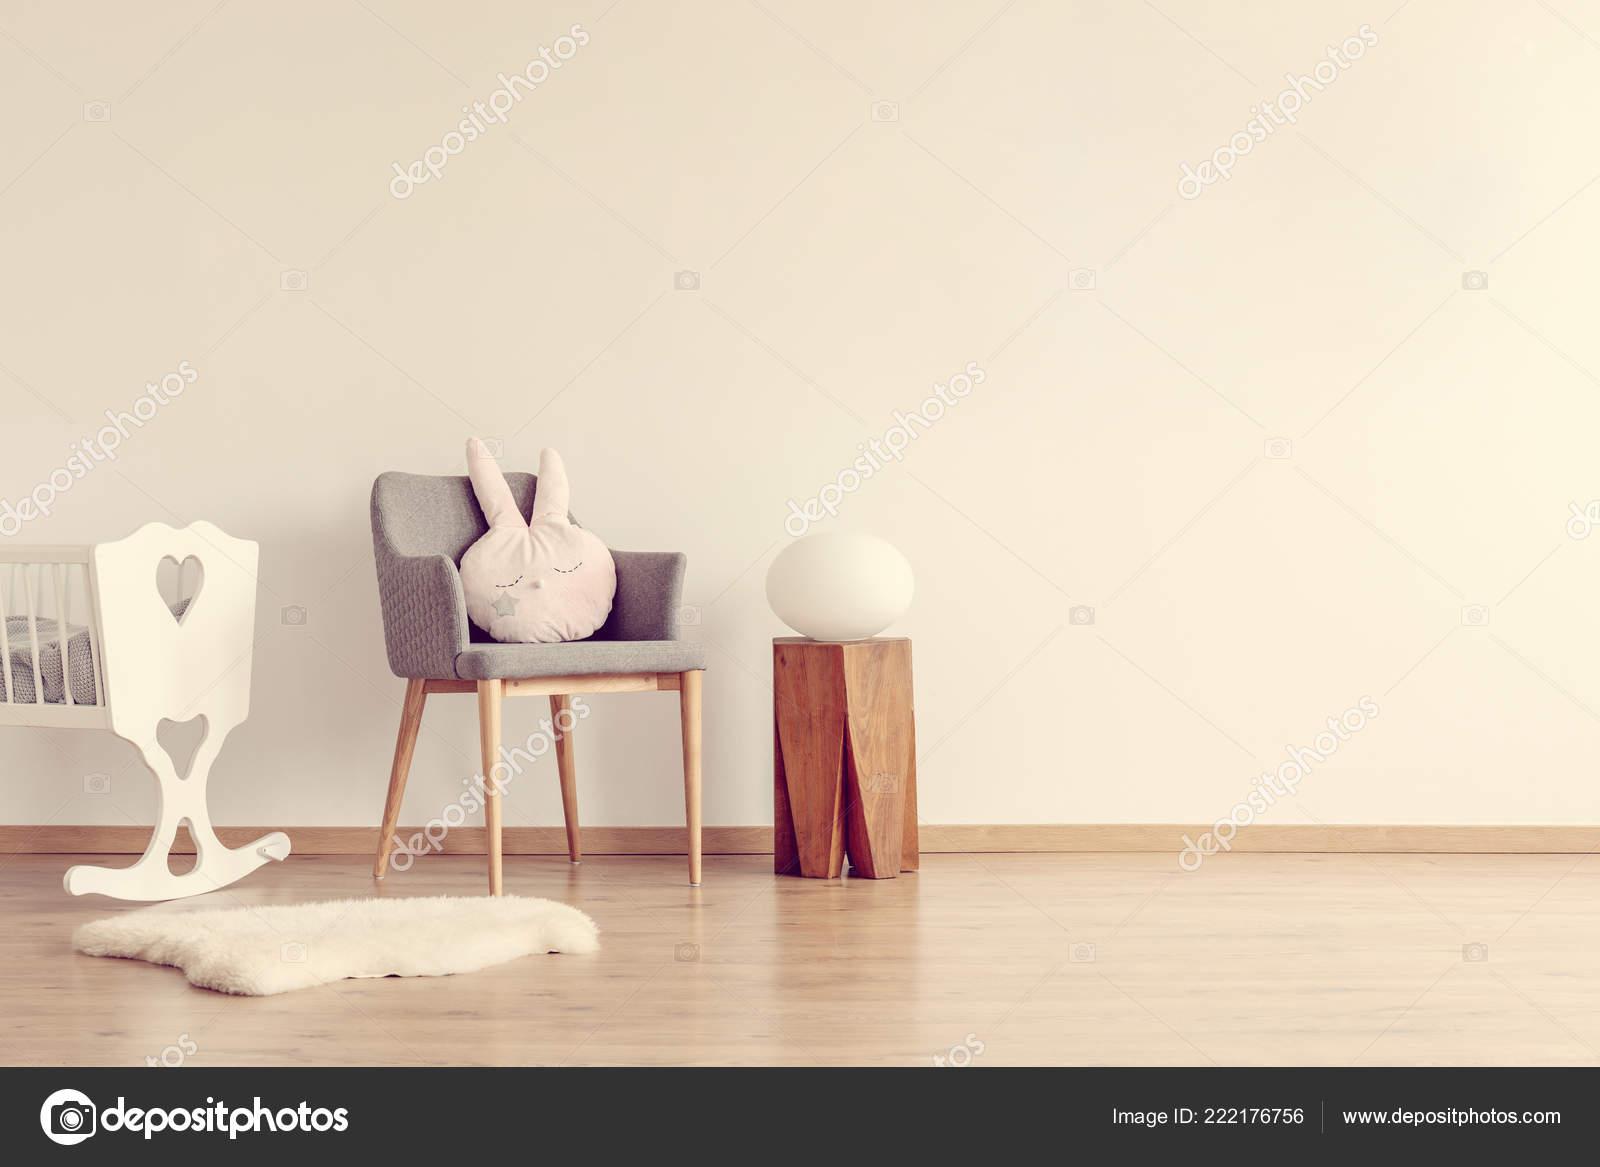 Awe Inspiring Grey Chair Pink Pillow Wooden Stool White Crib Scandinavian Theyellowbook Wood Chair Design Ideas Theyellowbookinfo